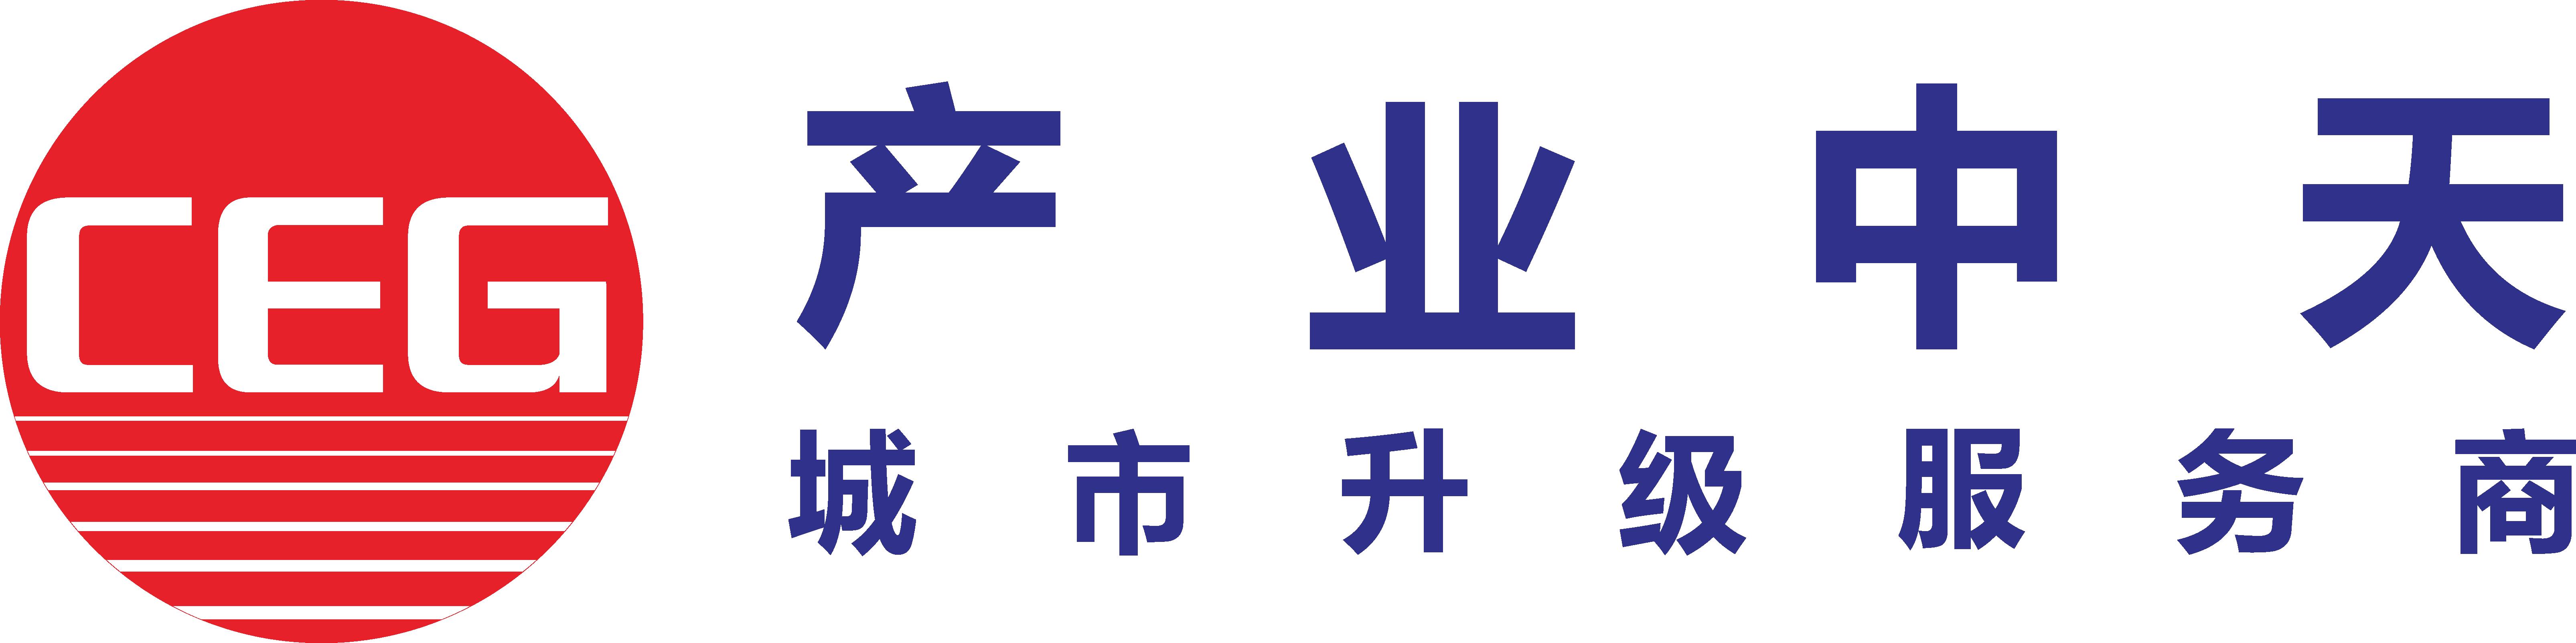 广东中天万城产业园投资管理有限公司图片